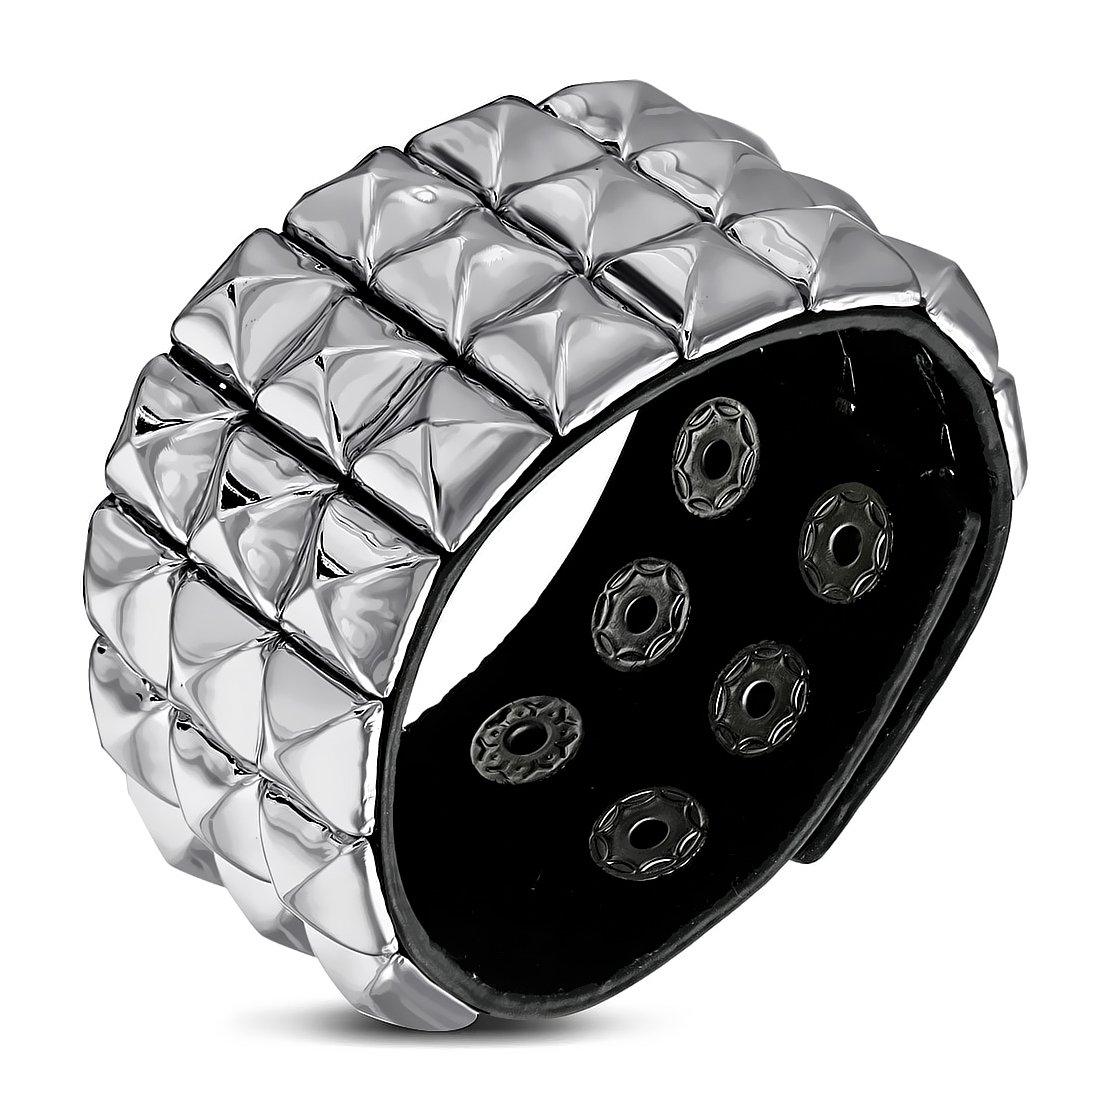 Véritable Cuir Noir Grille/Checker rangée de pyramide à tige Snap Bracelet NRG Leather Bracelets 205-TTX081